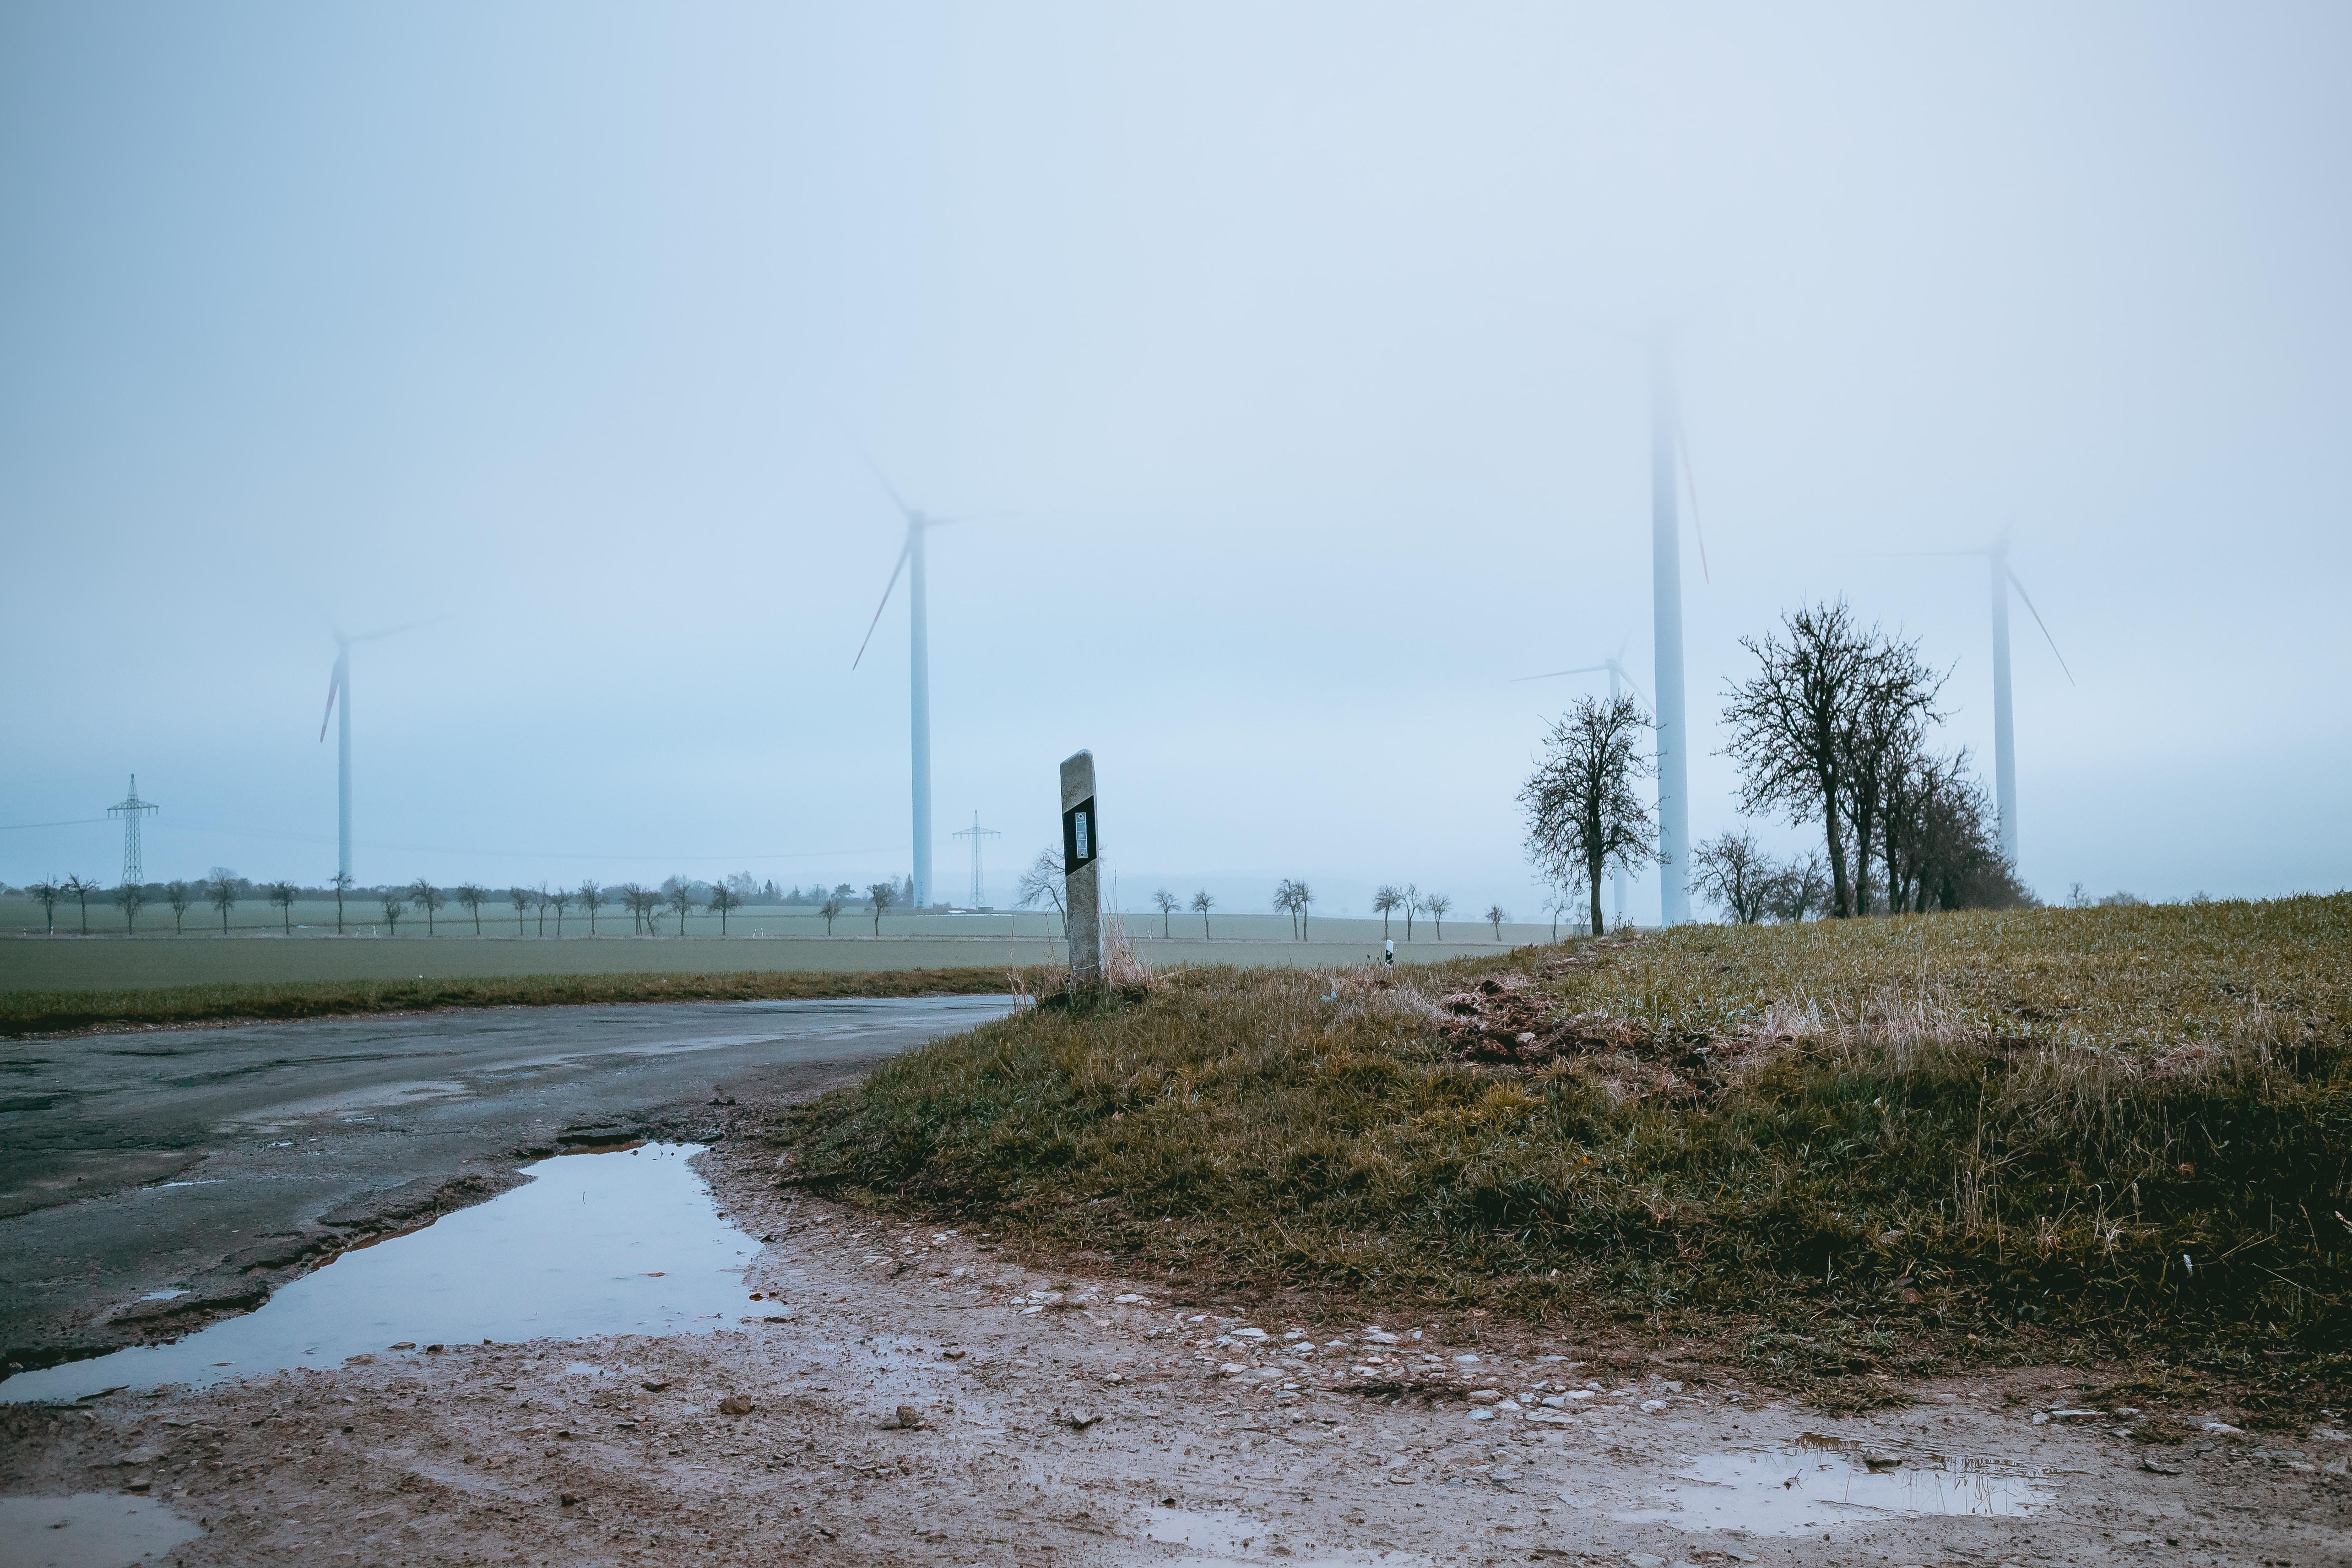 wind turbine vent on grass field